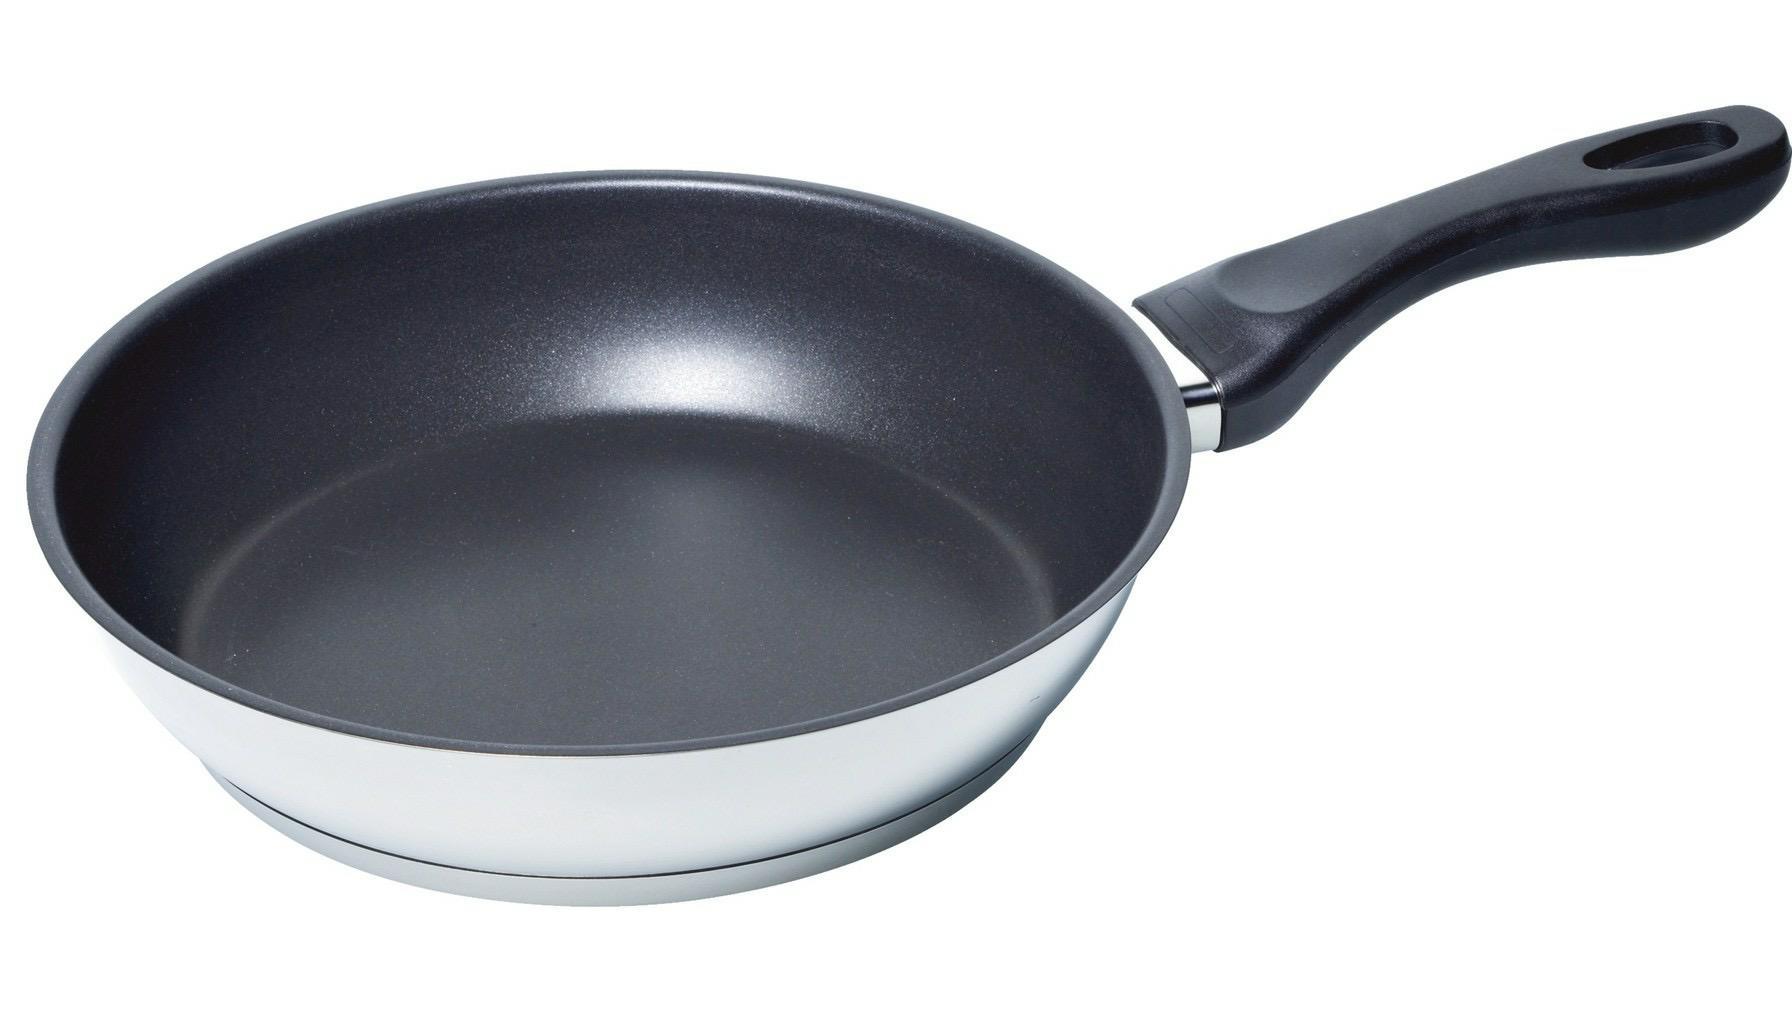 toebehoren kookplaat Neff Toebehoren Z9453X0 toebehoren kookplaat Z 9453X0 Z 9453 X 0